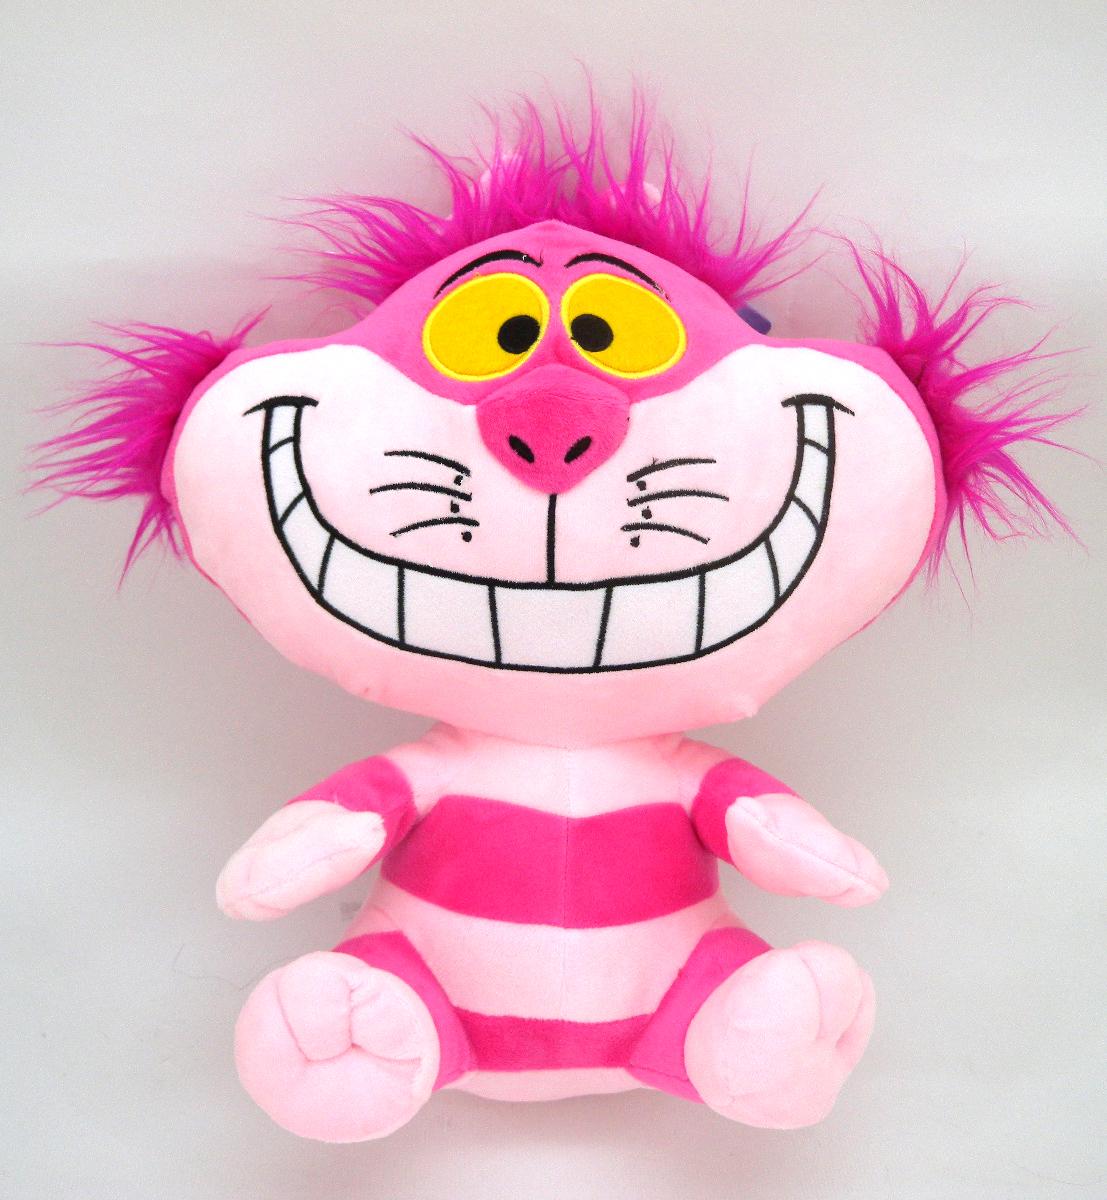 【真愛日本】15022600076 6吋吊坐娃-妙妙貓 迪士尼 愛麗絲夢遊仙境 娃娃 玩偶 正品